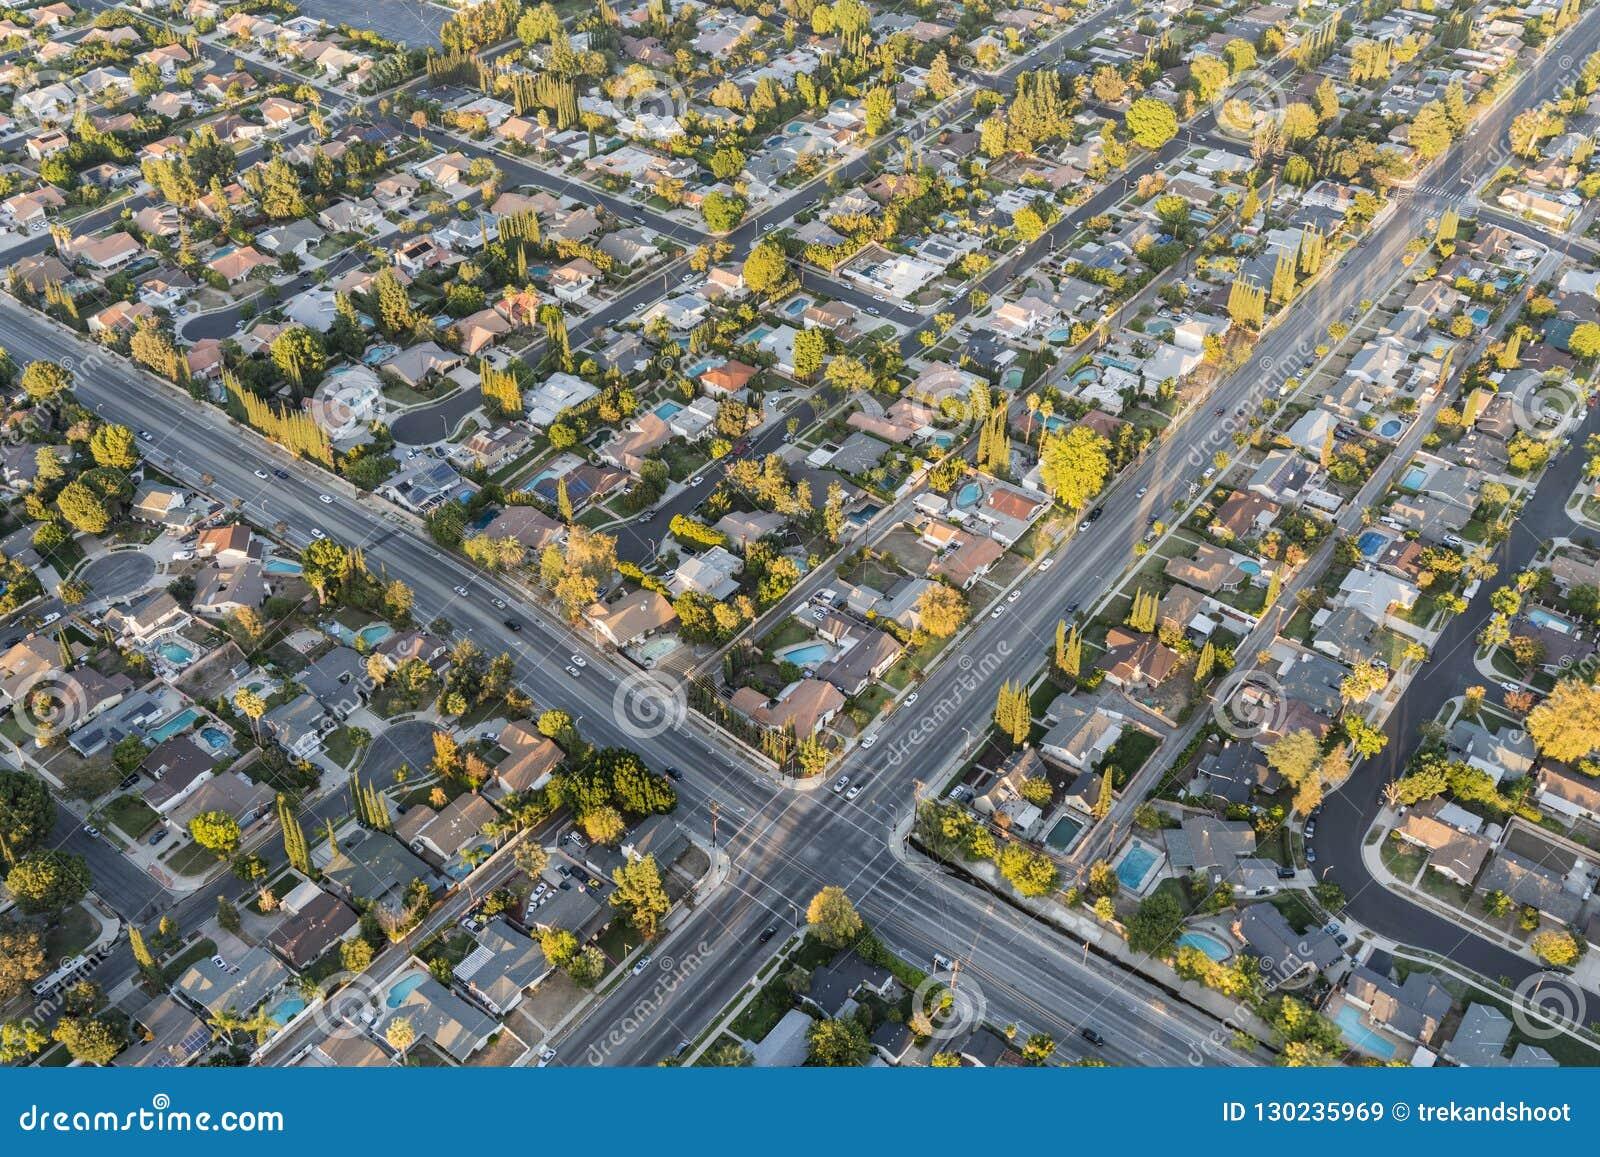 San Fernando Valley Homes Los Angeles California Aerial